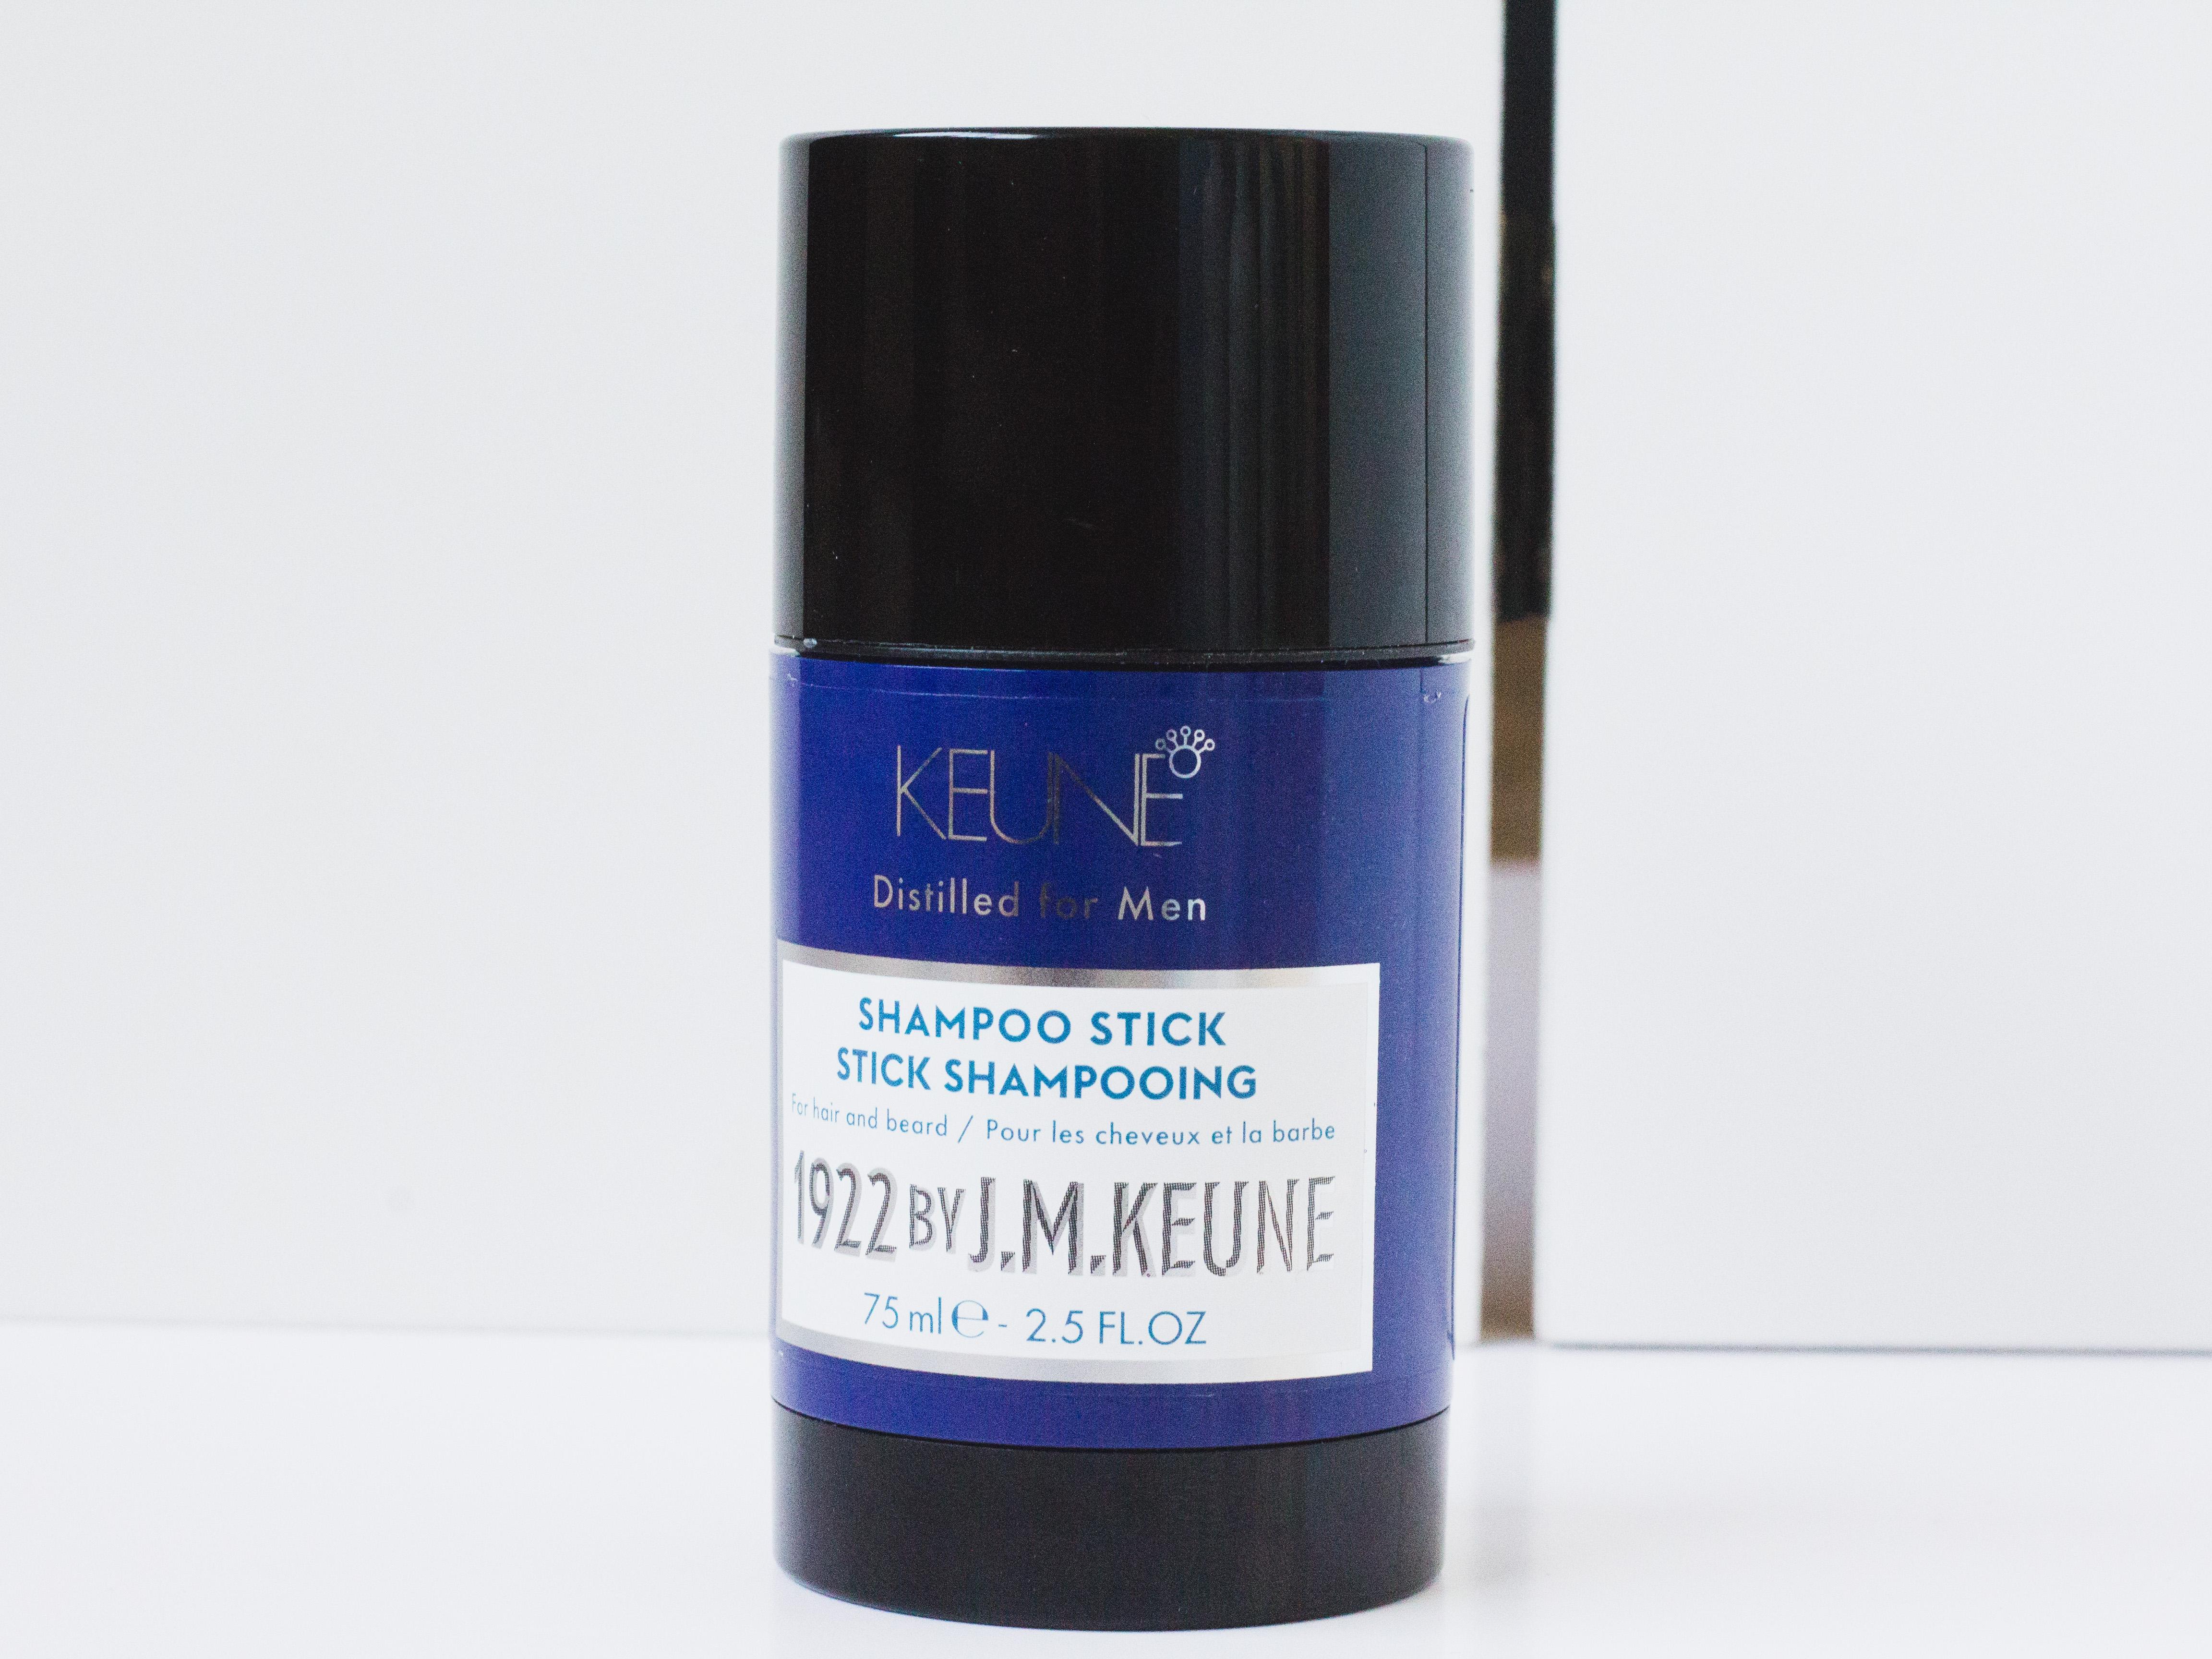 Mijn lief test de Shampoo Stick van Keune uit